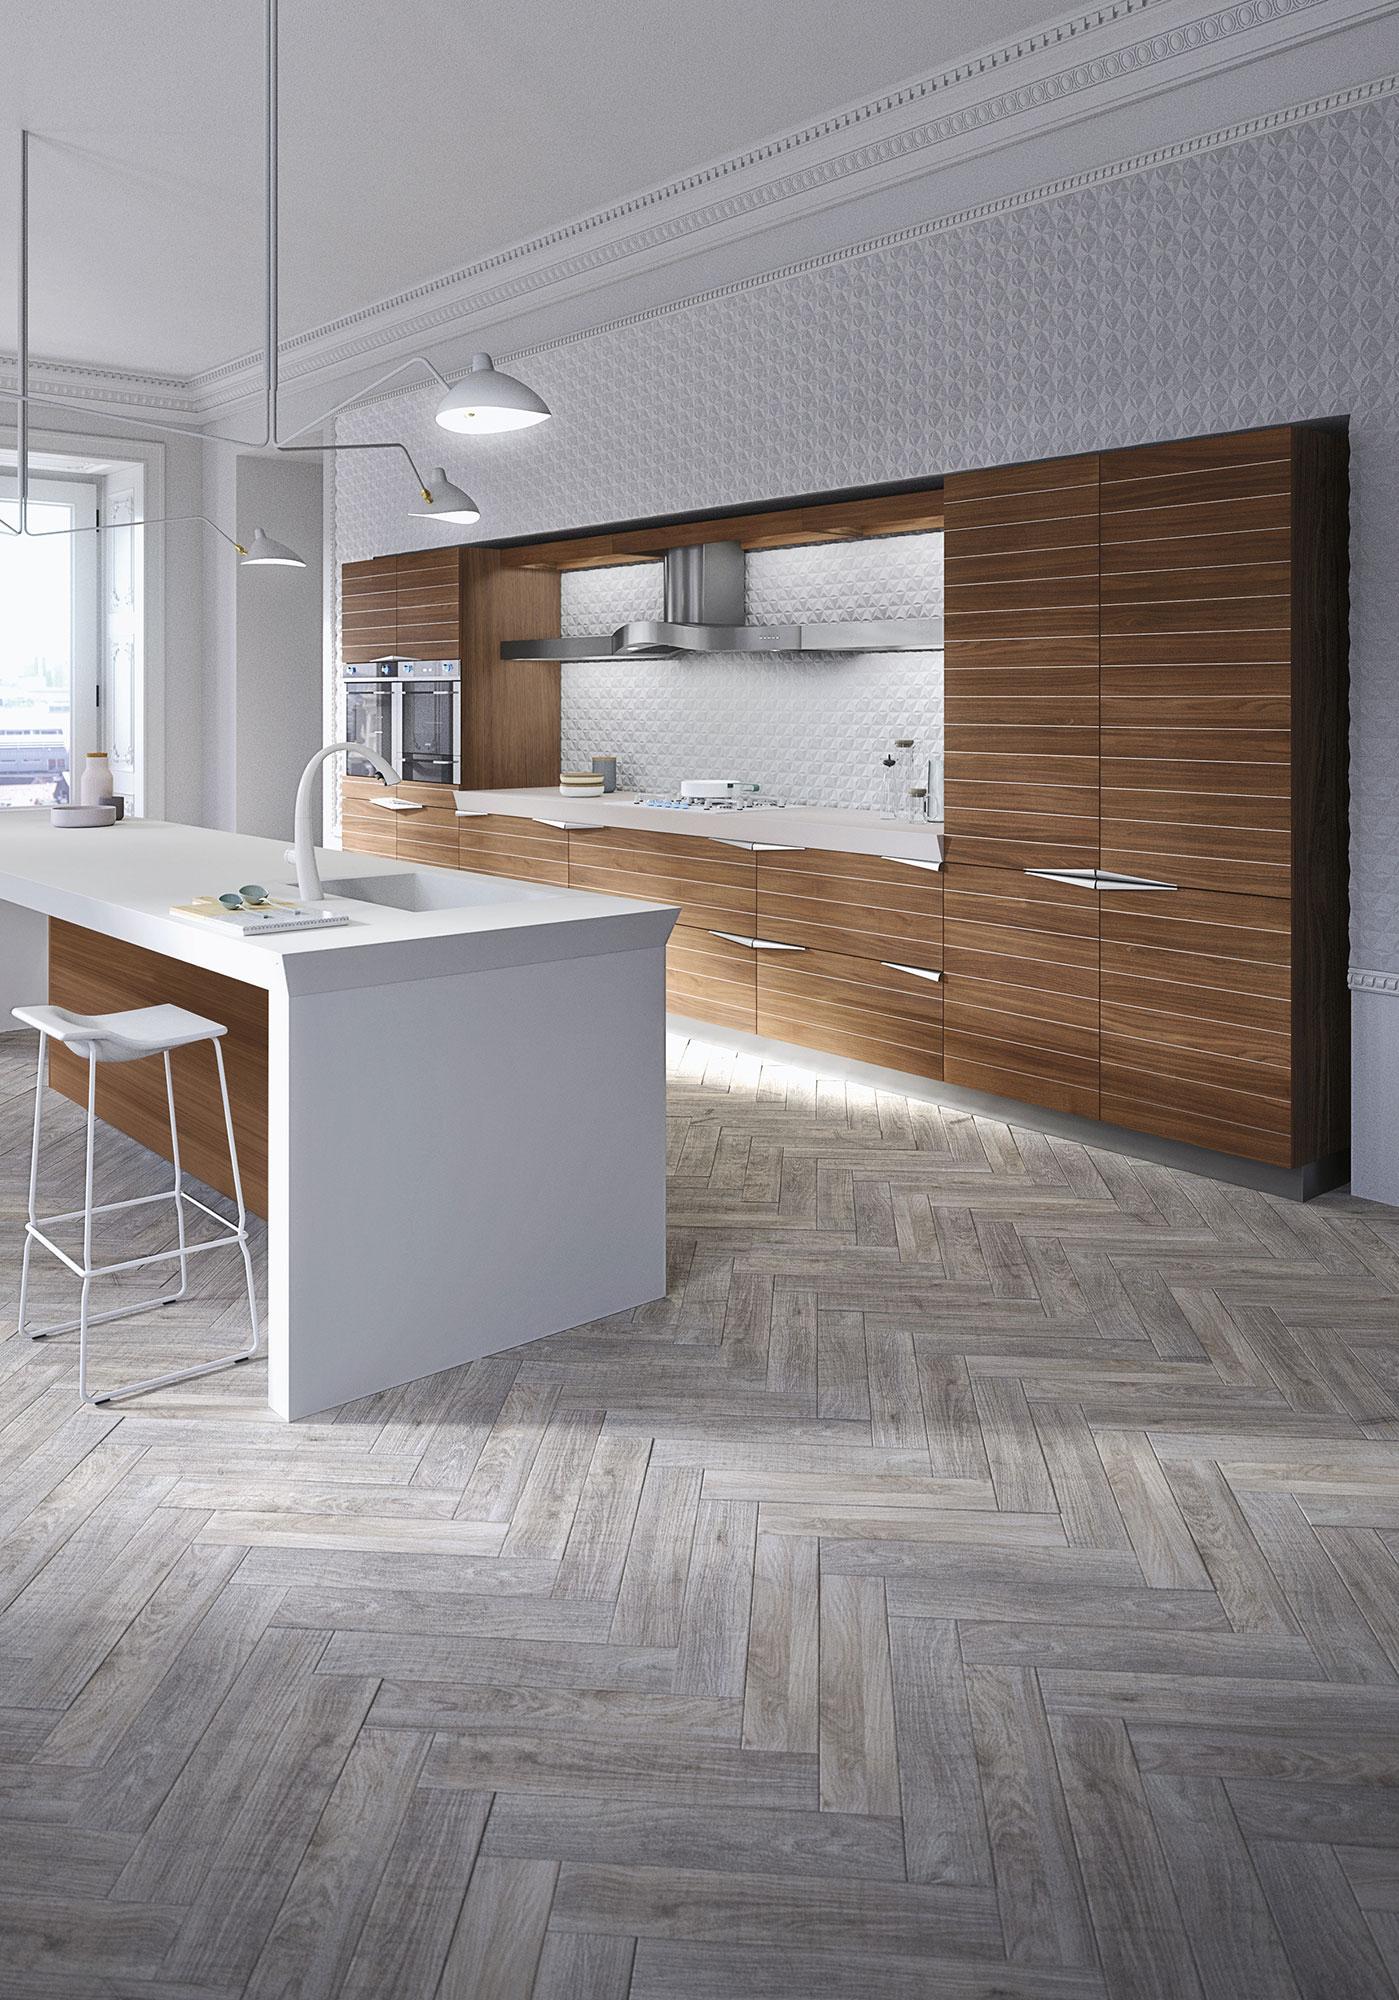 Современный дизайн кухонного гарнитура: белый глянцевый ламинат